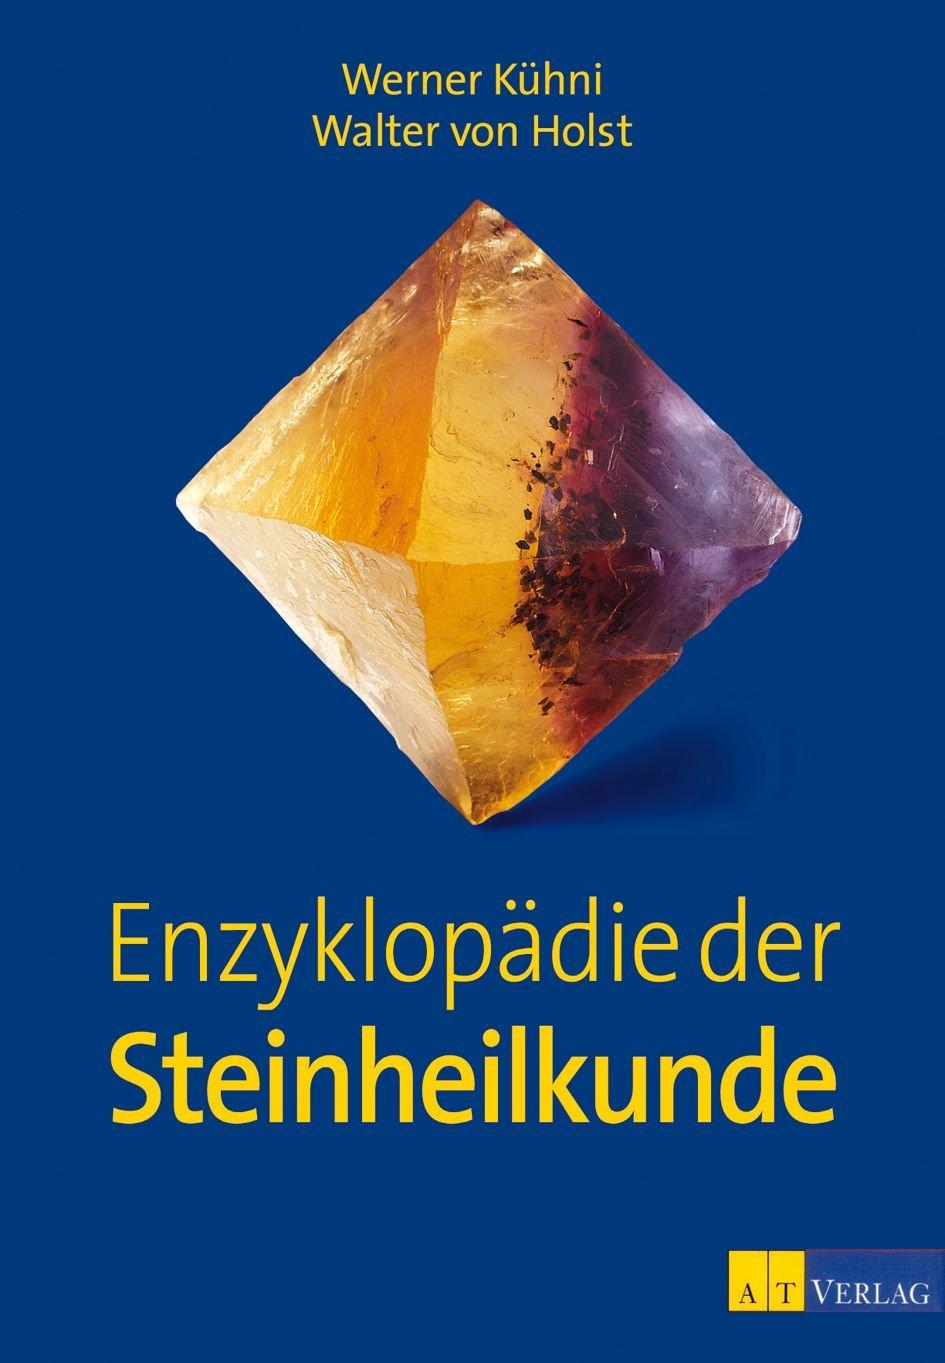 Bild des Buches Enzyklopädie der Steinheilkunde